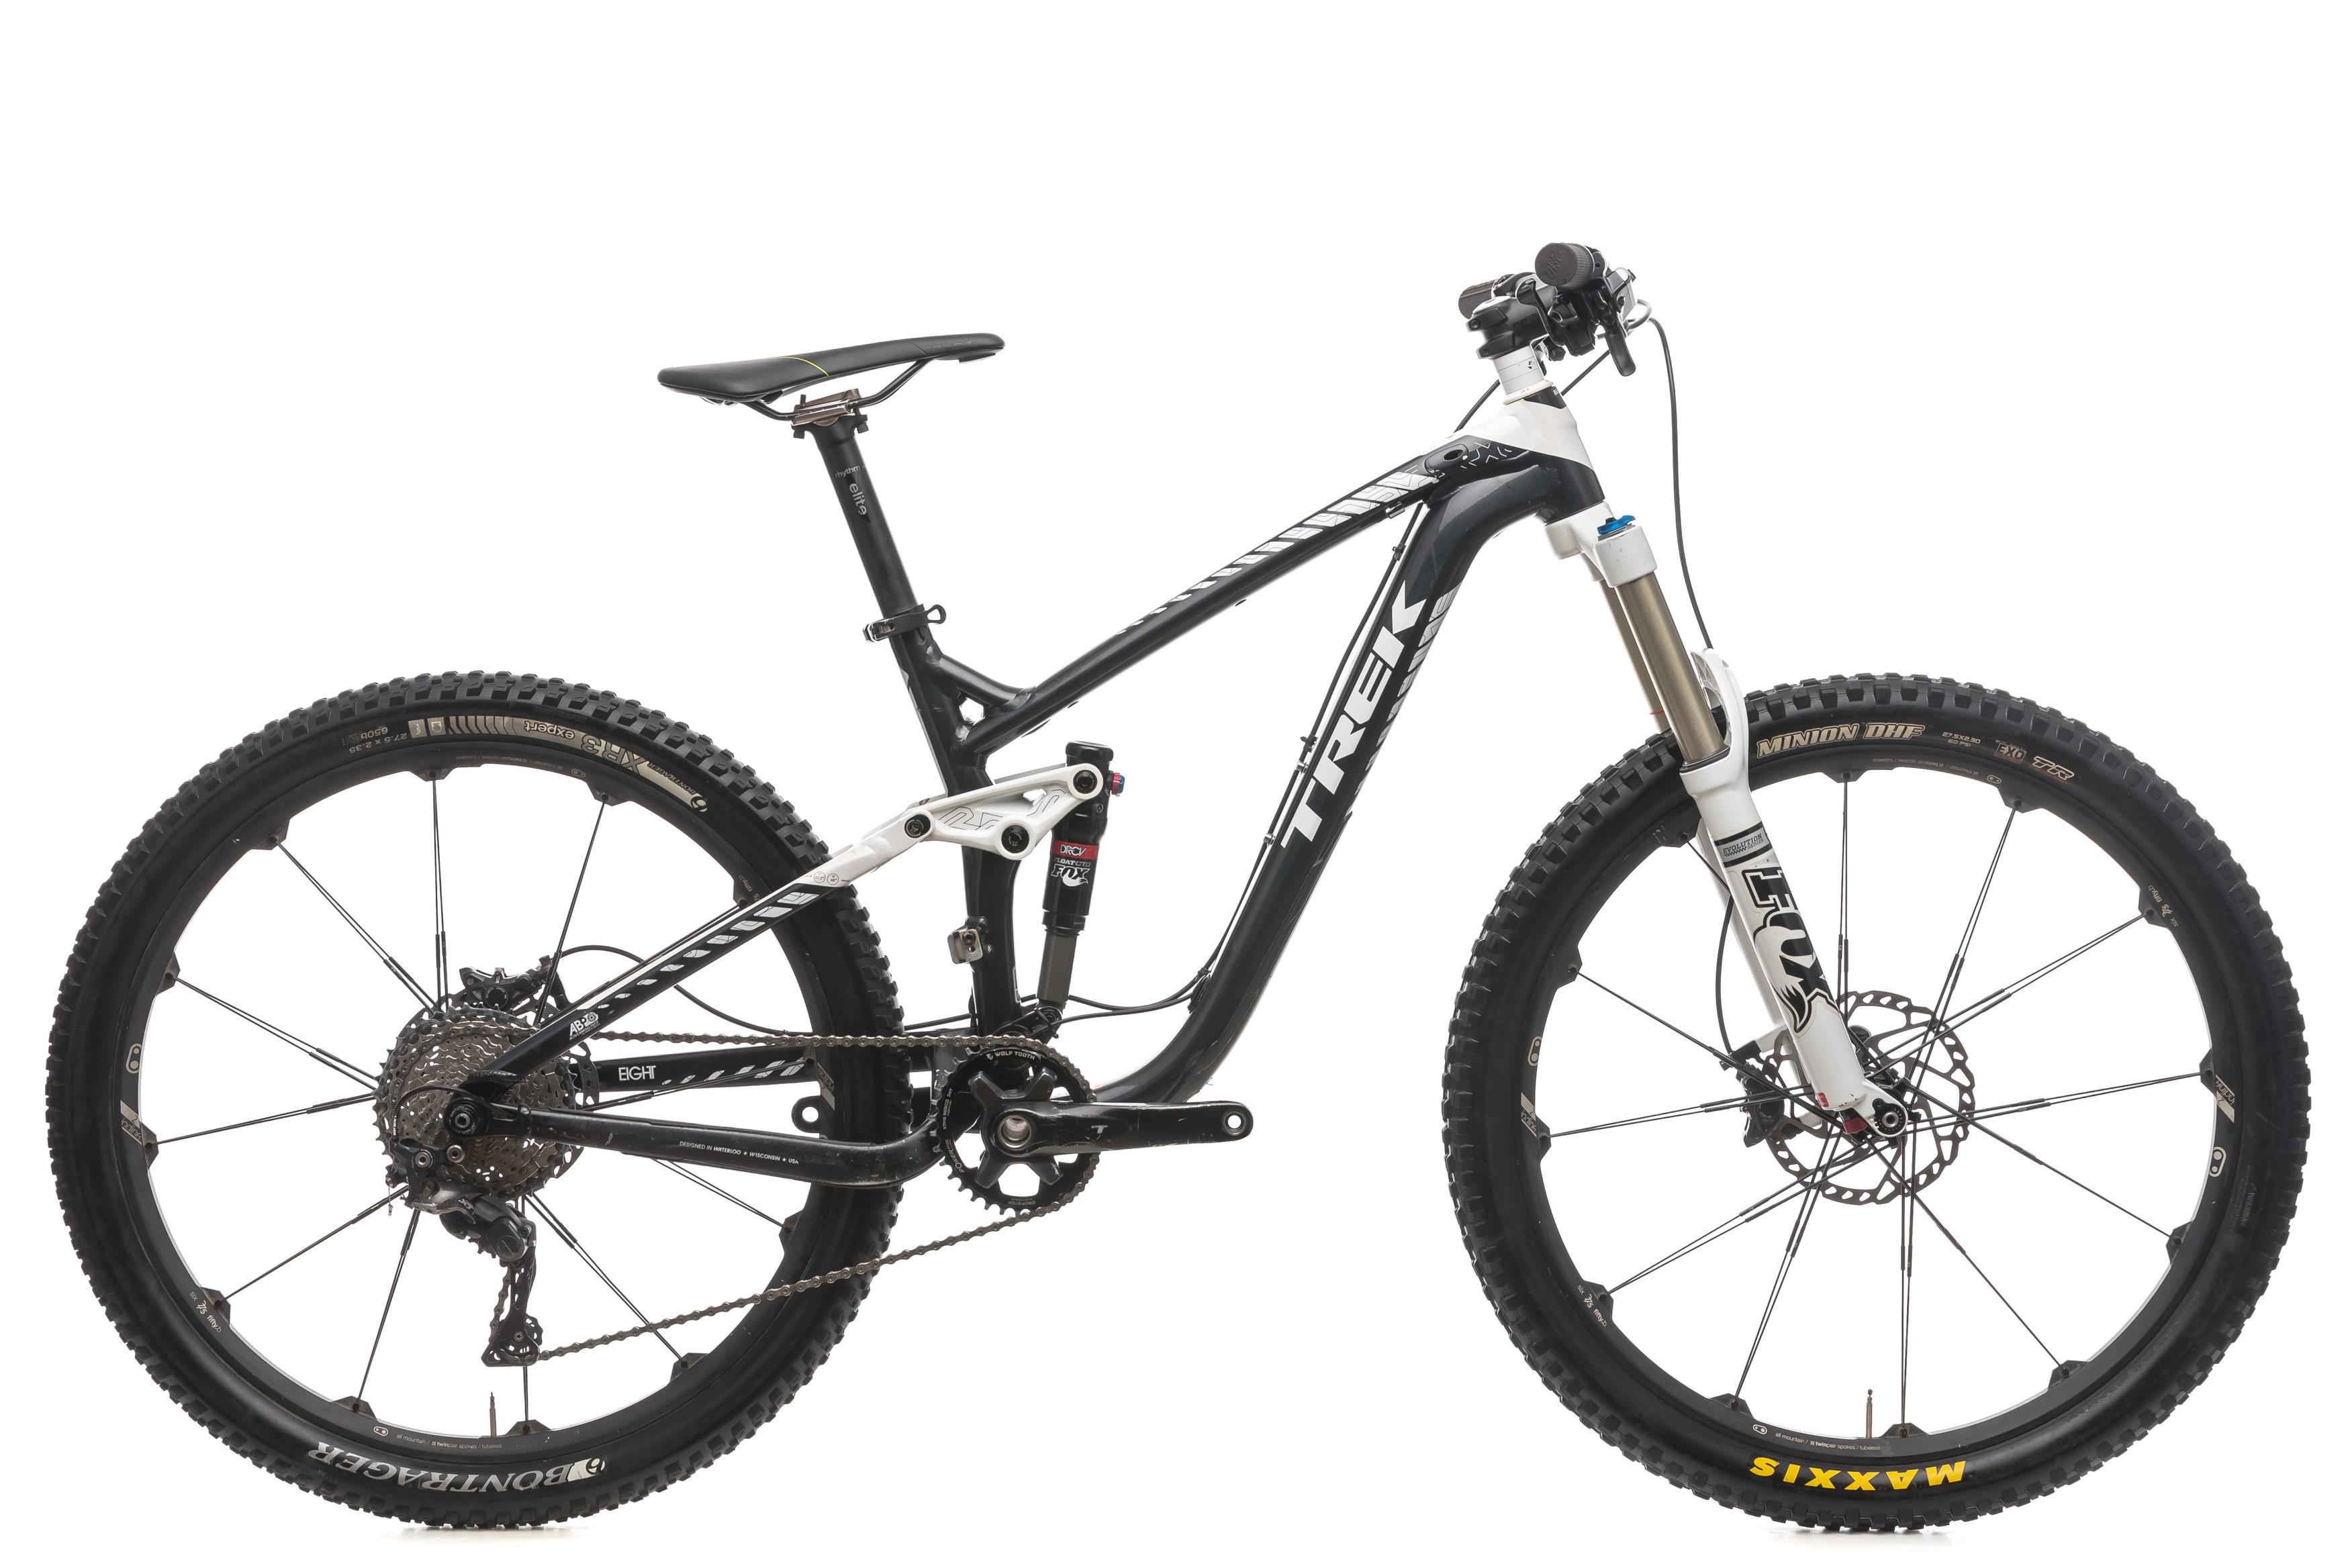 f212cca58a0 2014 Trek Remedy 8 27.5/650b Mountain Bike 17.5